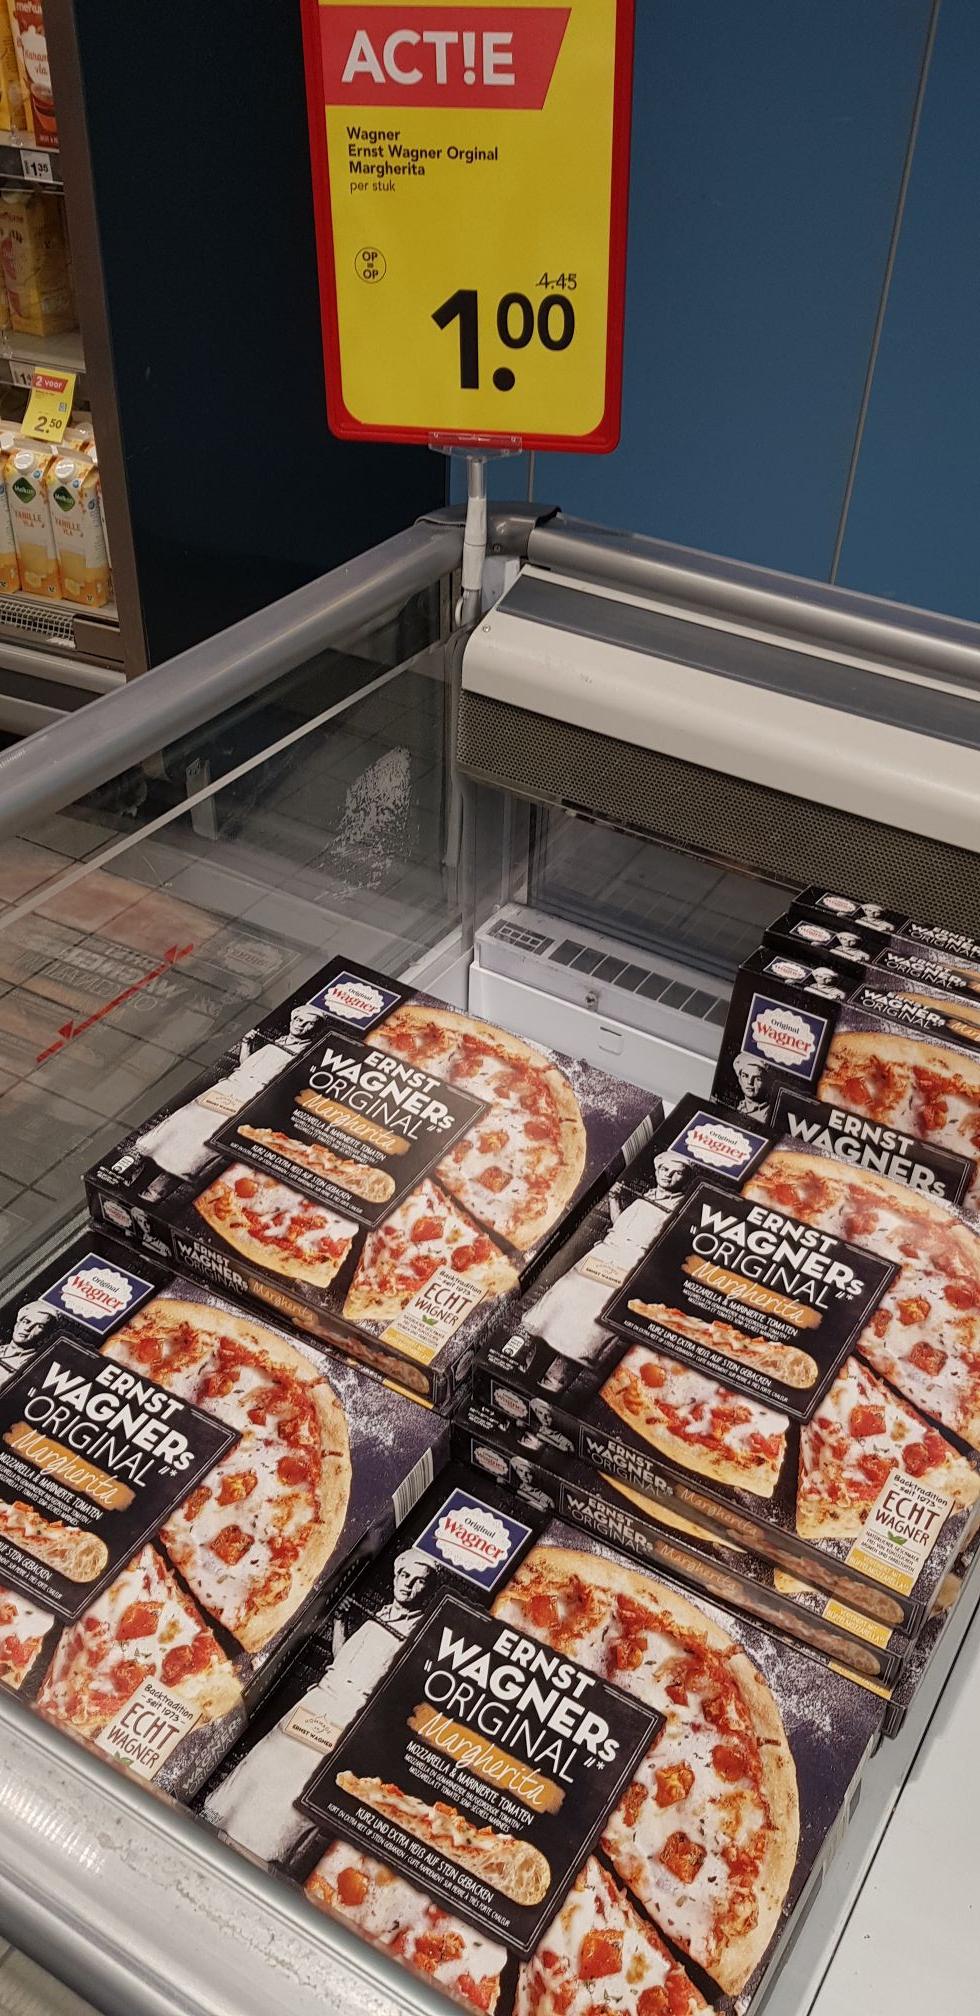 [Lokaal hoorn]Wagner pizza 1euro per stuk normaal 4,45